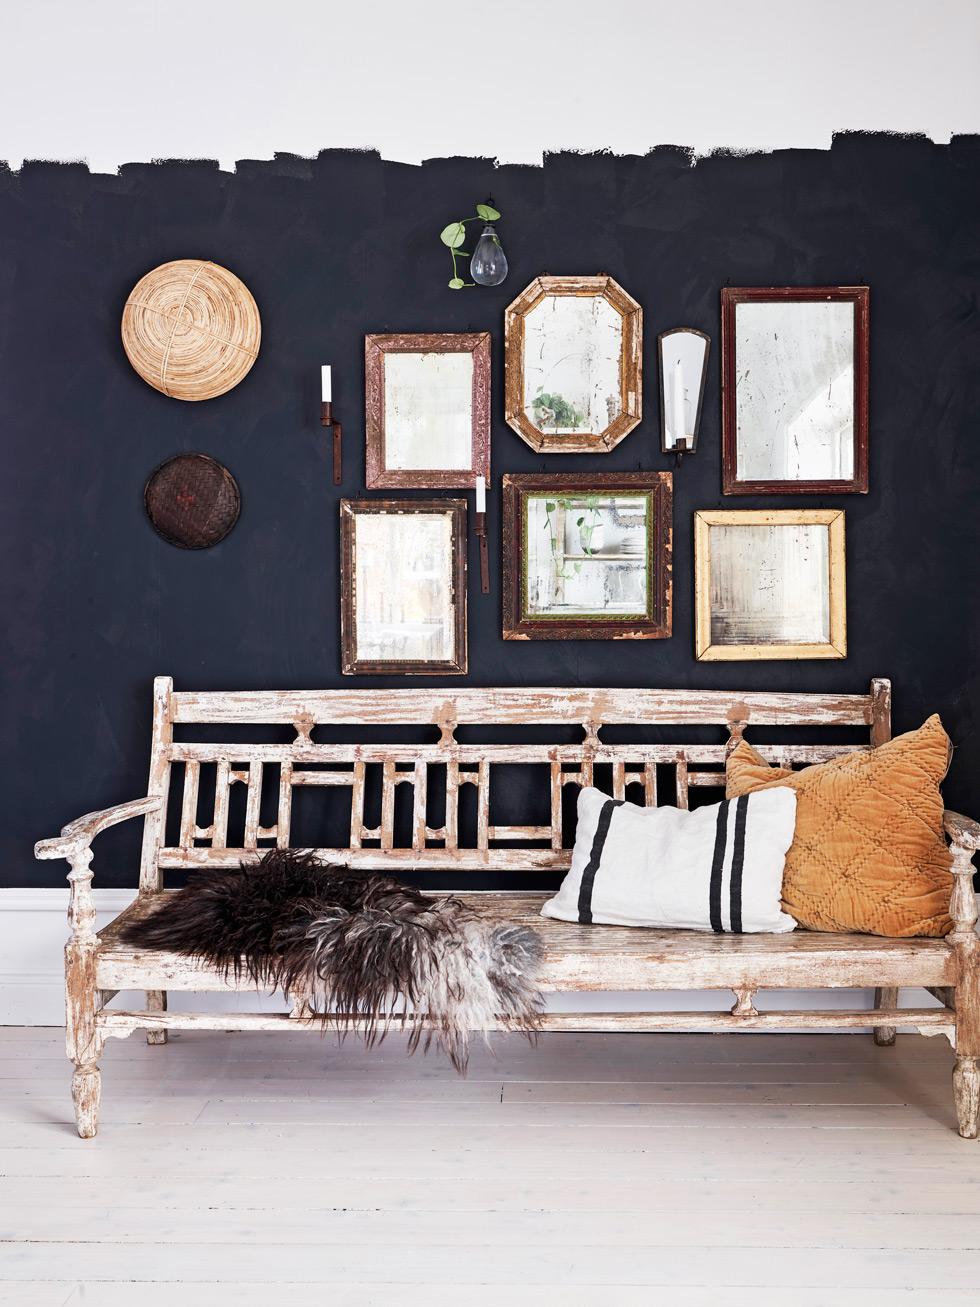 Träsoffa framför målad svart vägg med många speglar.